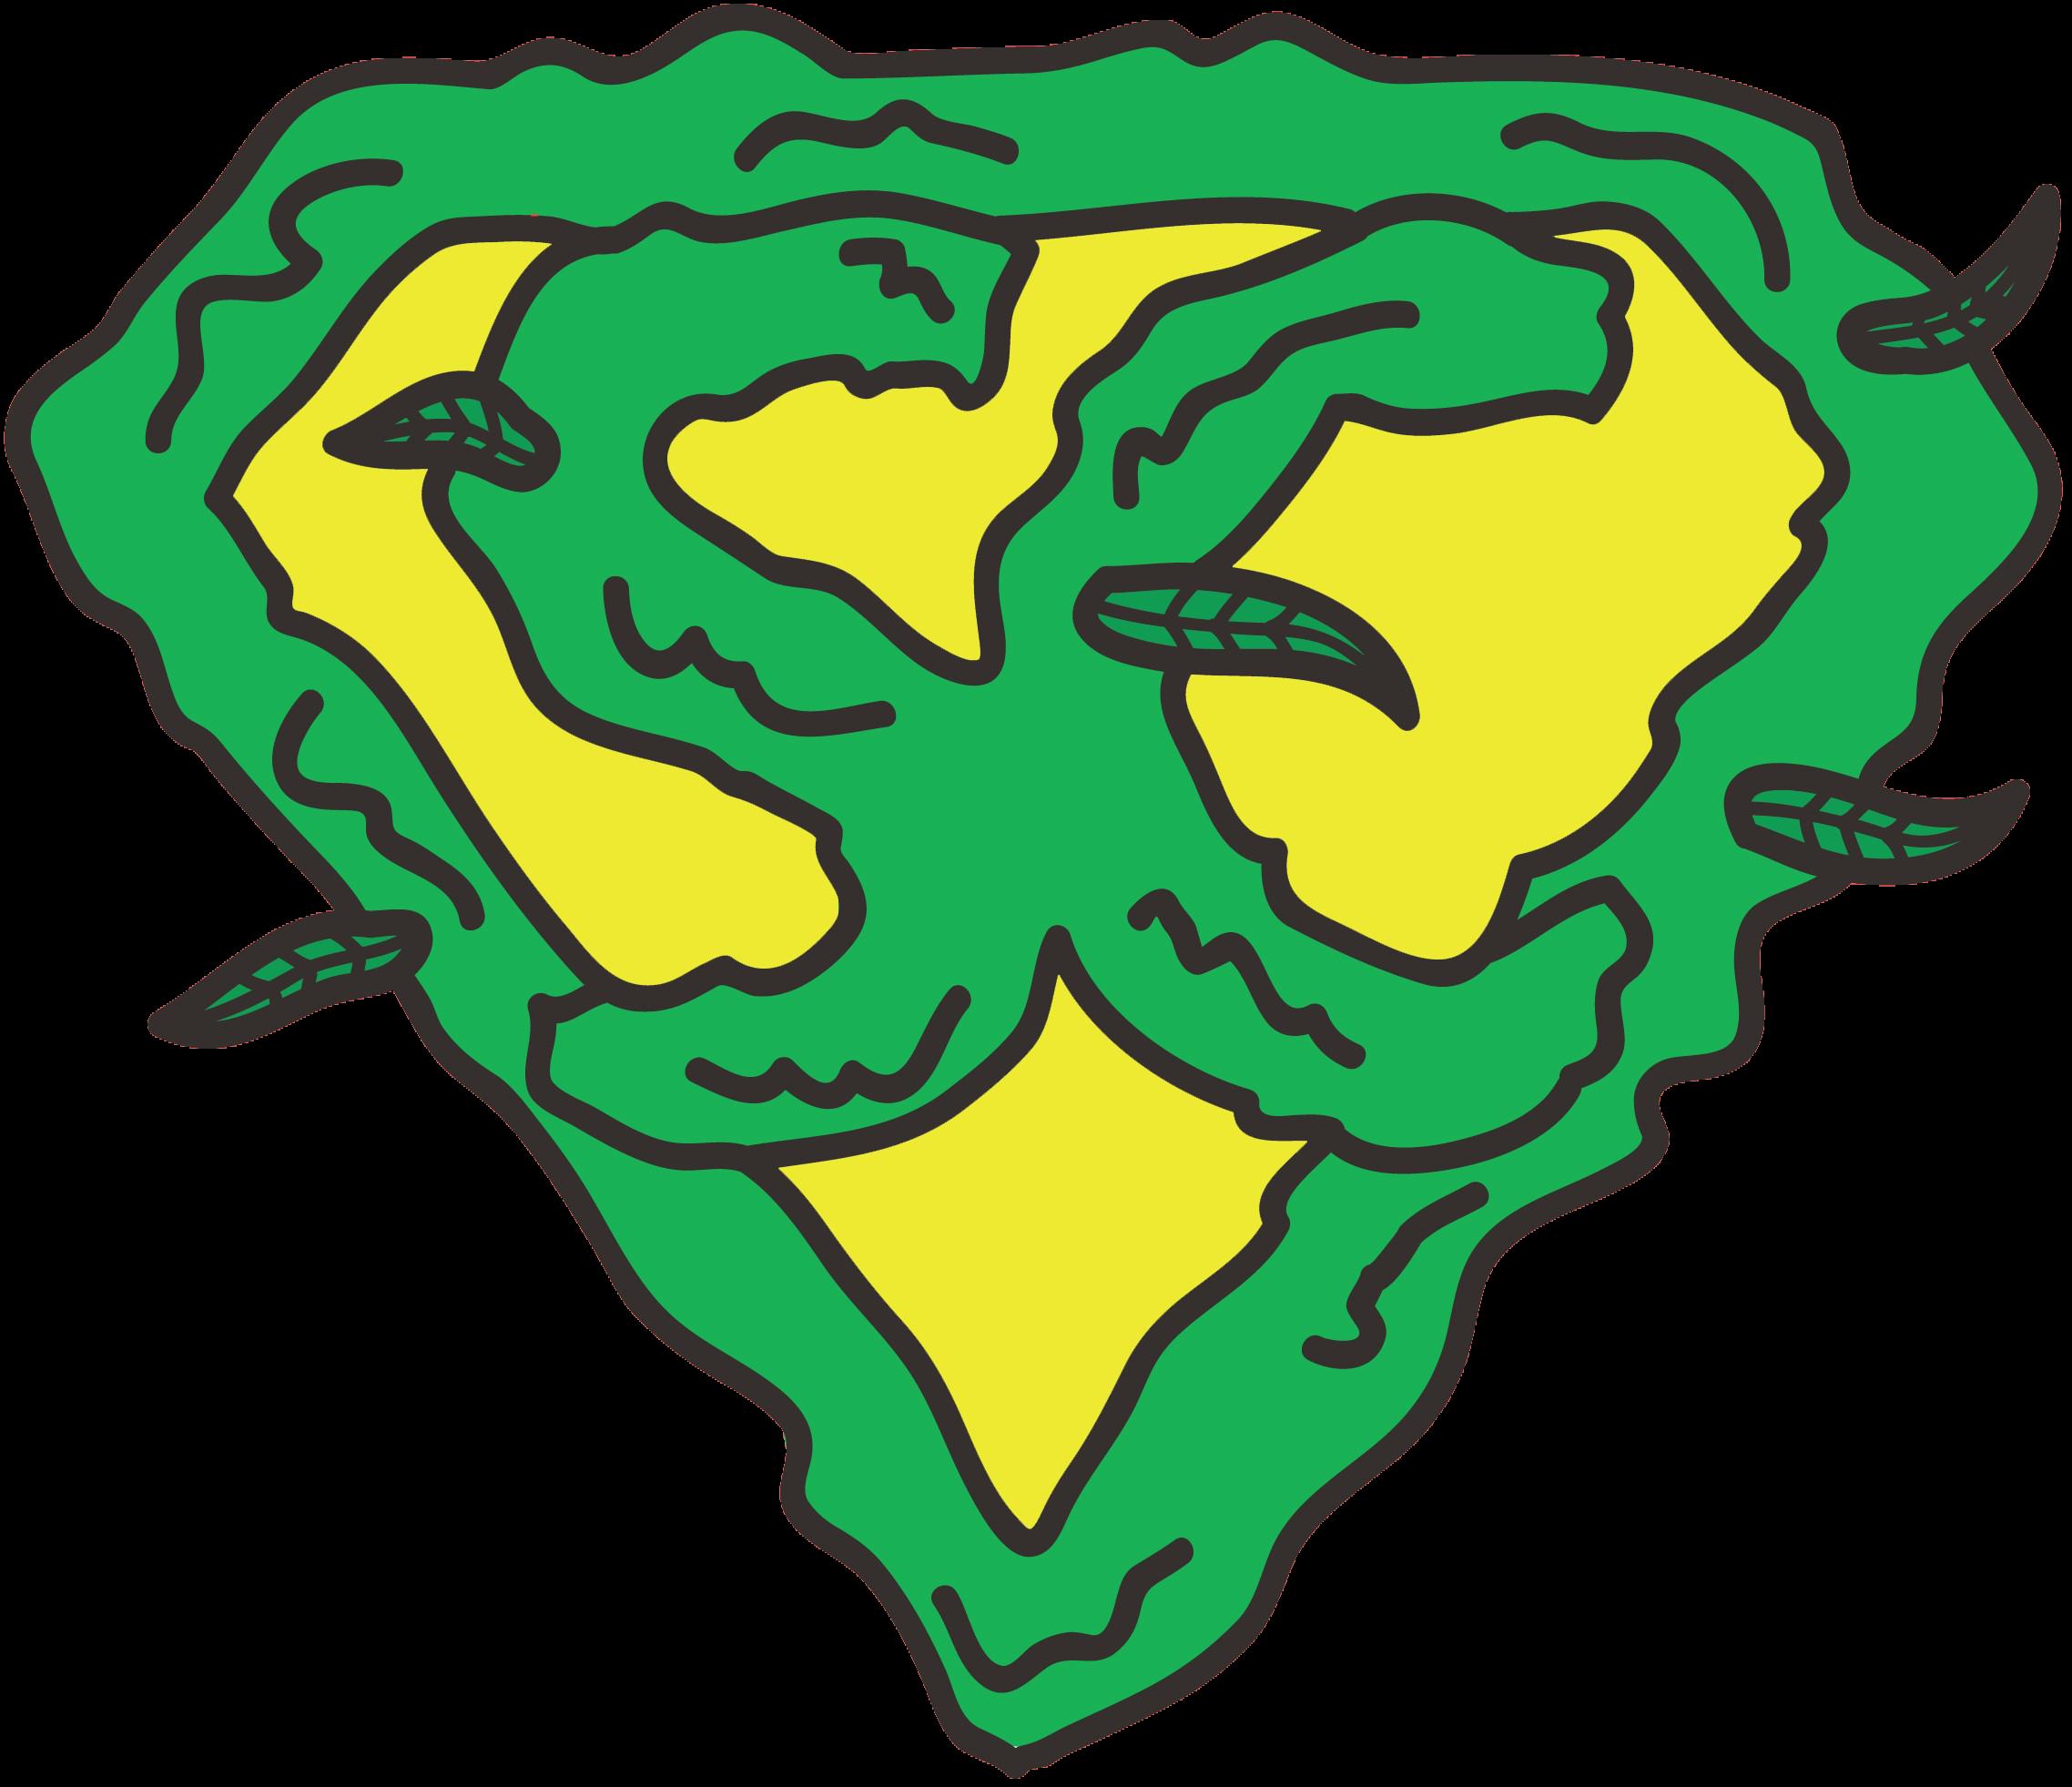 SuperCanna GrowShop